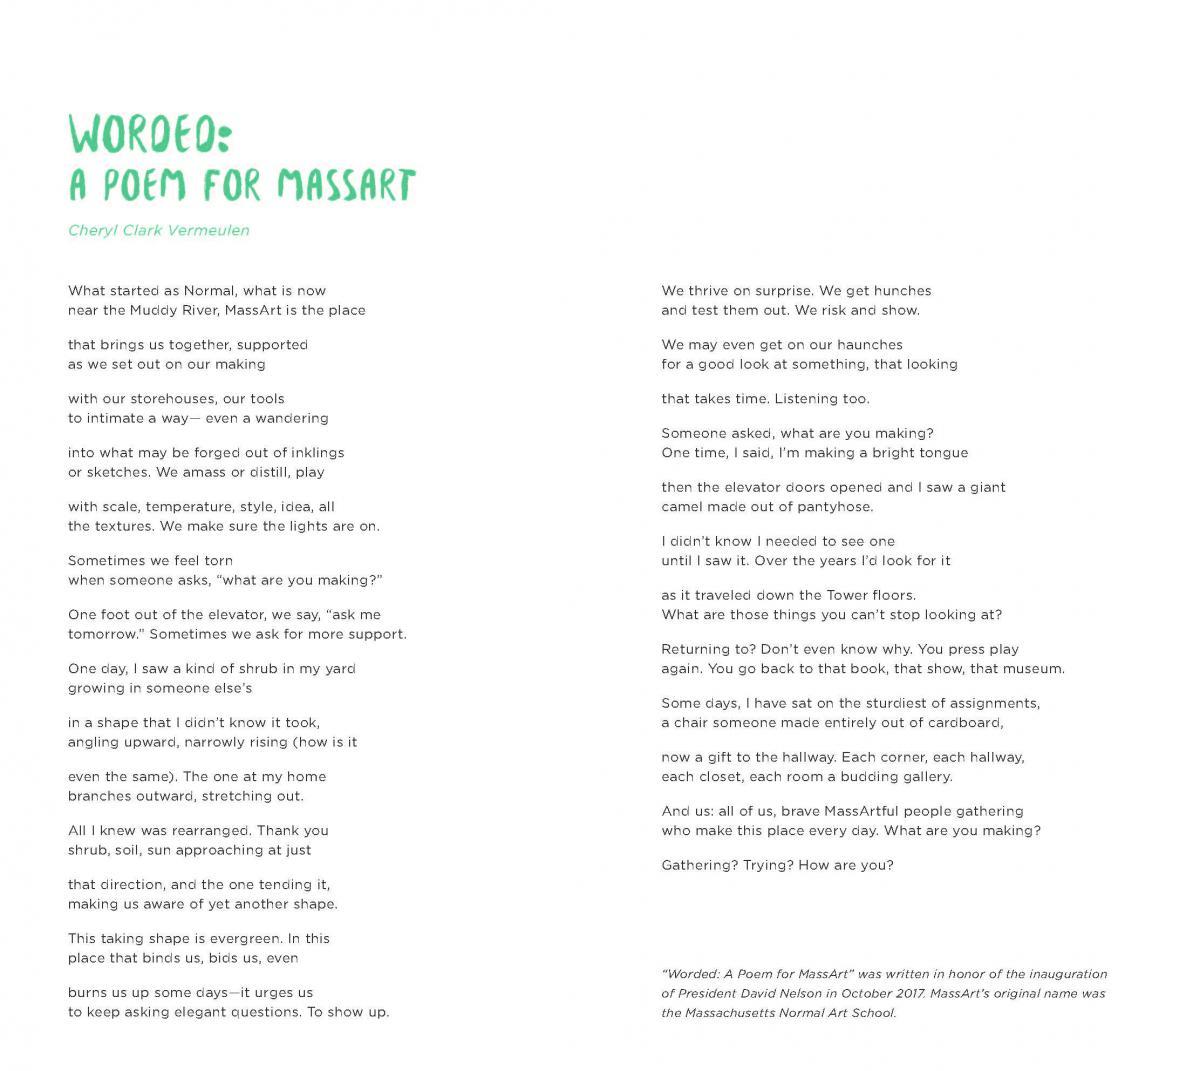 Worded: A Poem for MassArt